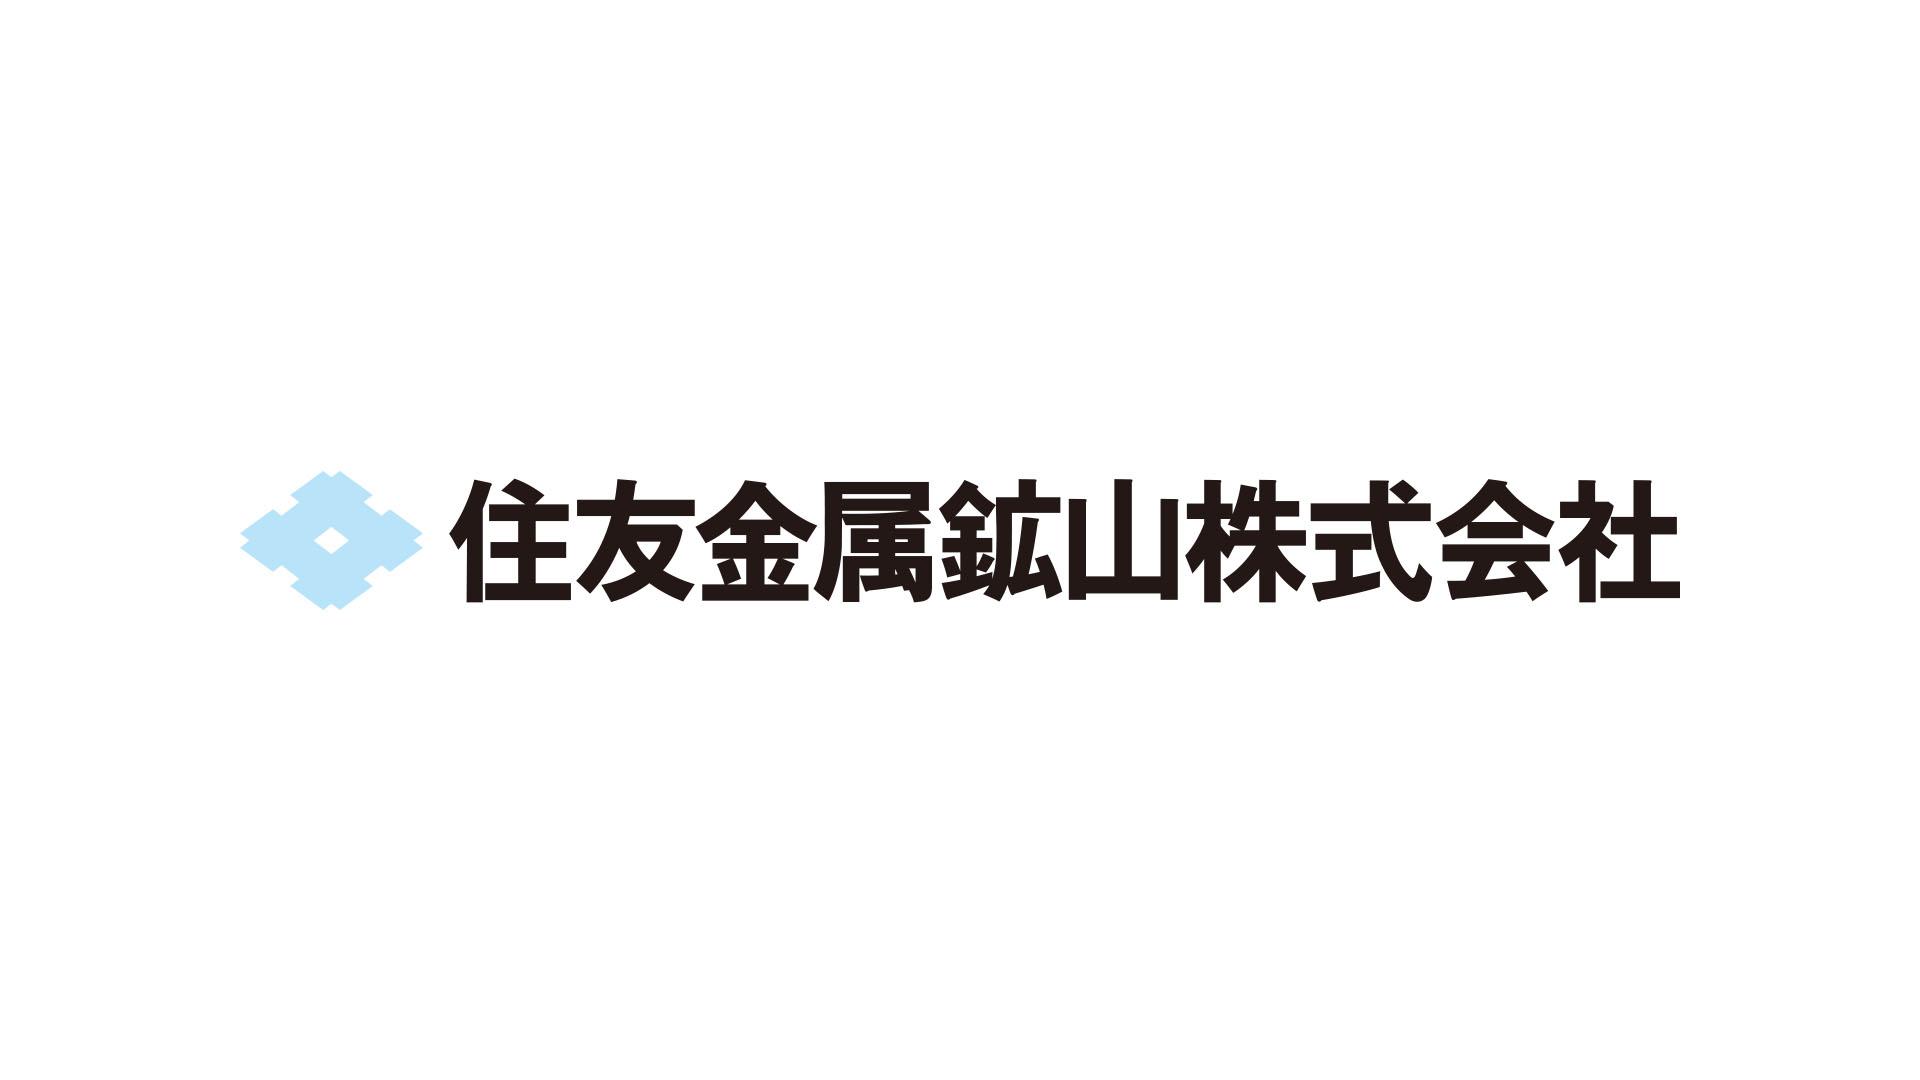 住友金属鉱山株式会社